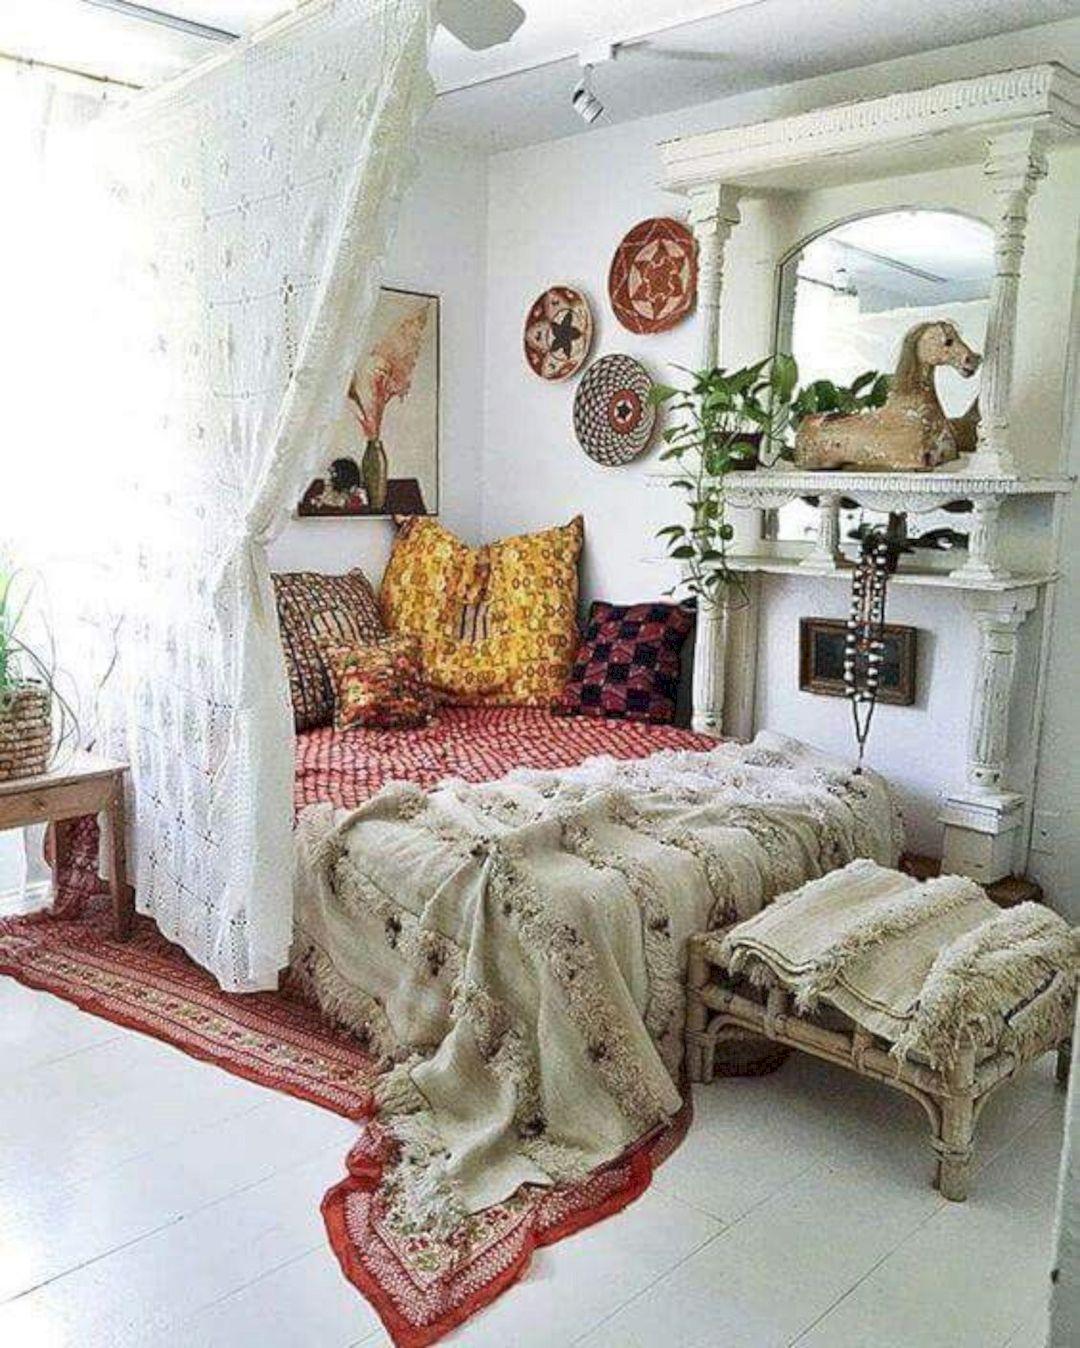 26 Funky Boho Comfy Bedroom Decoracao De Casa Arquitetura E Decoracao Interiores